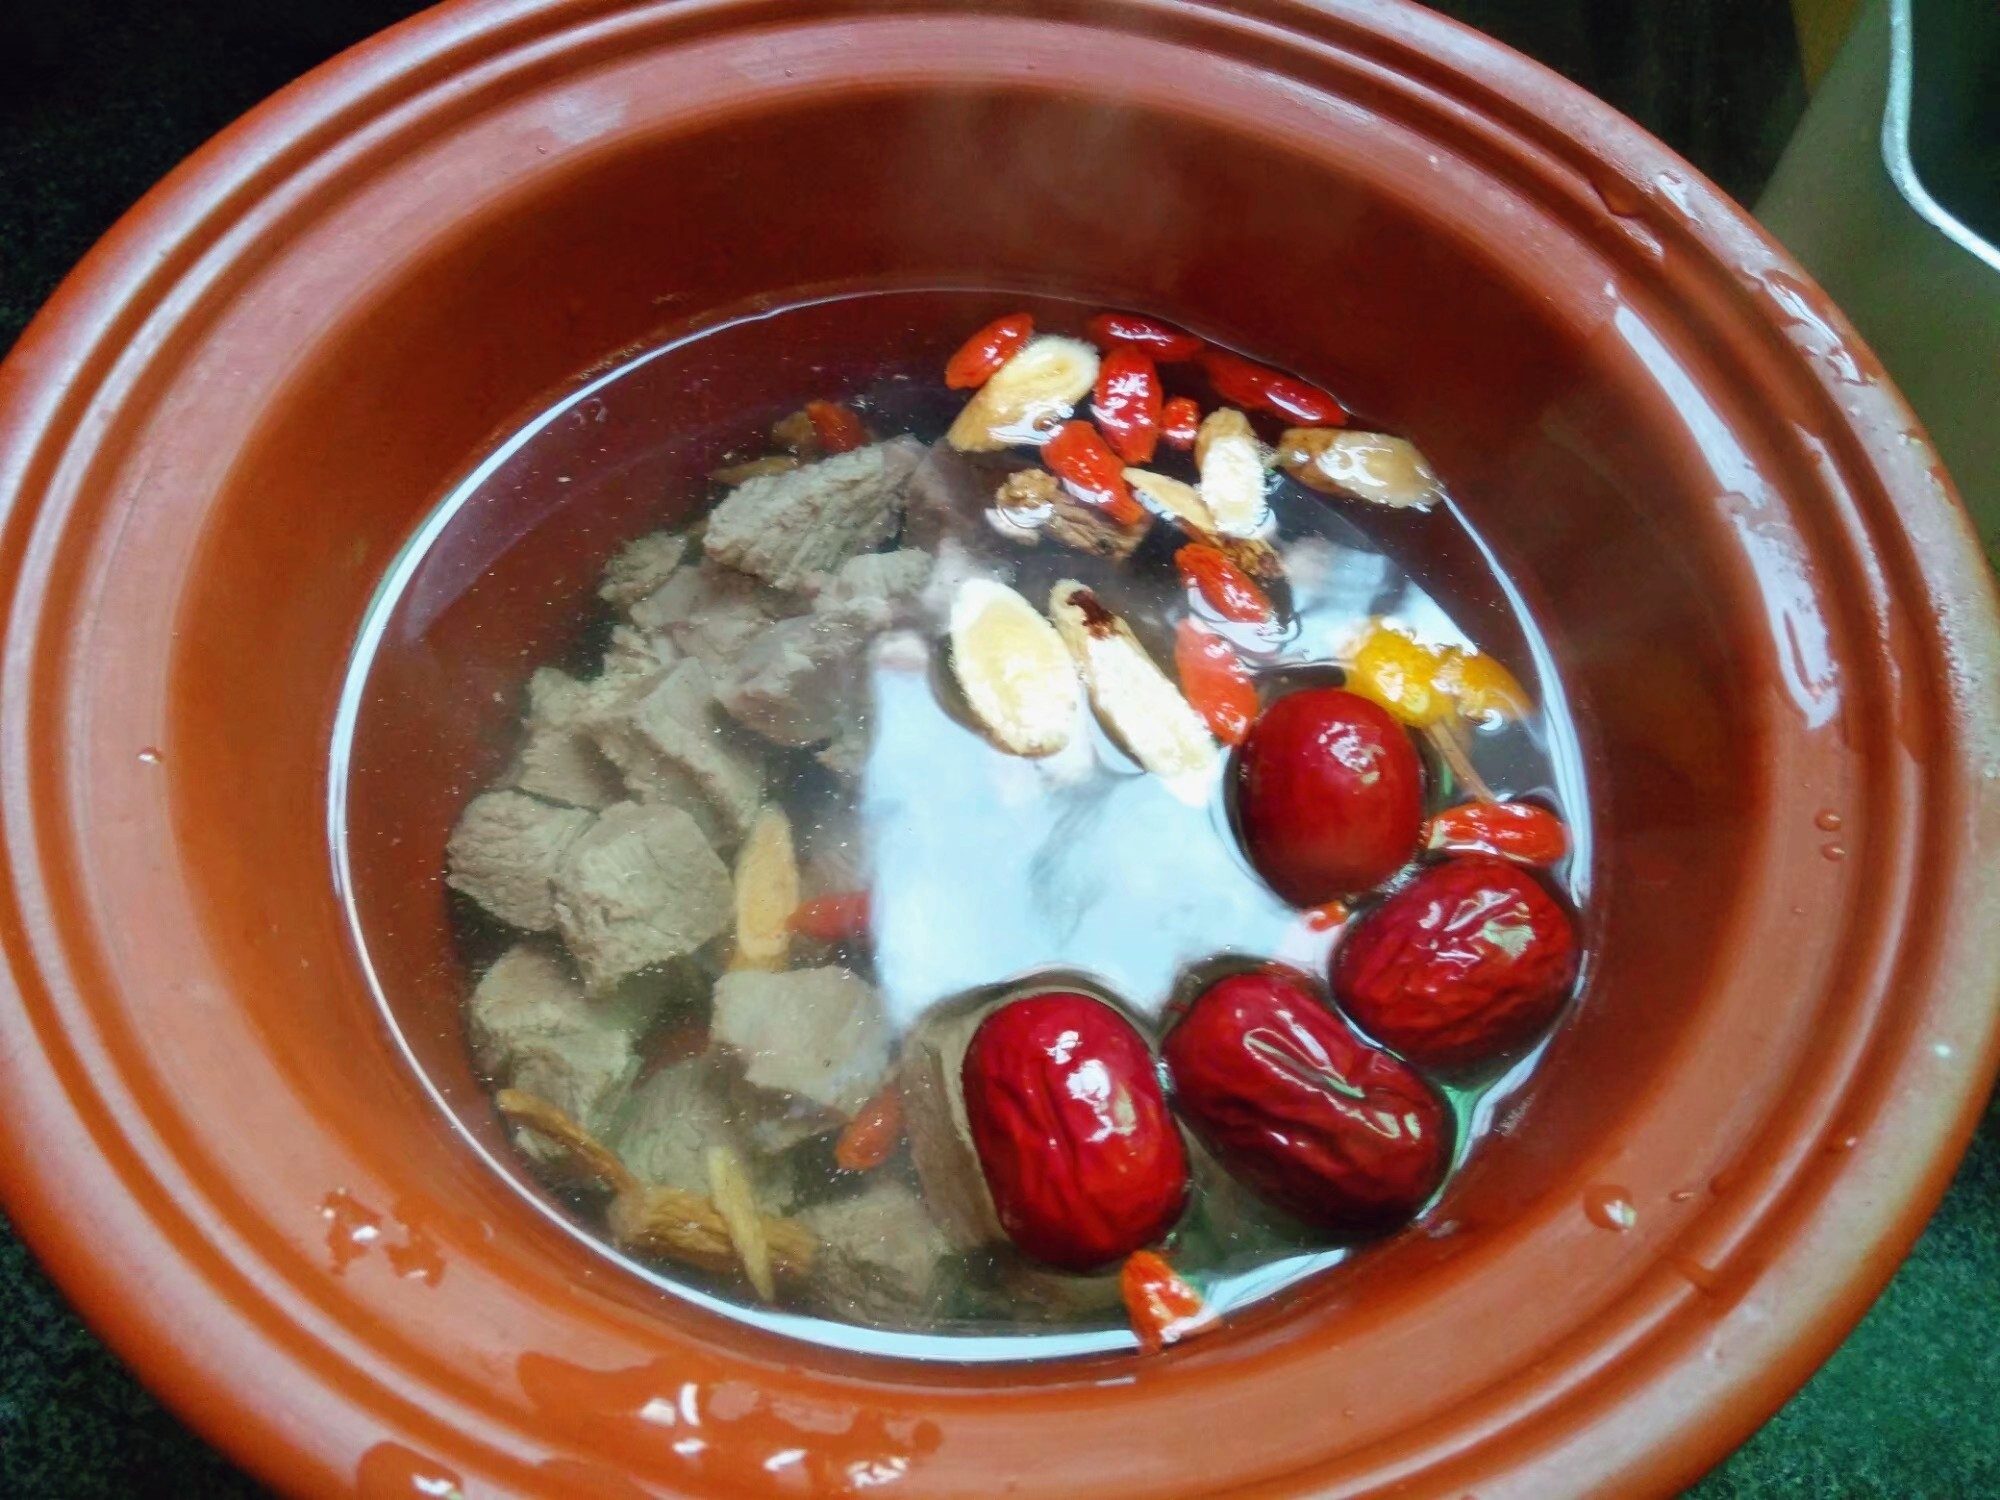 党参北芪羊肉汤,党参北芪羊肉汤的家常做法